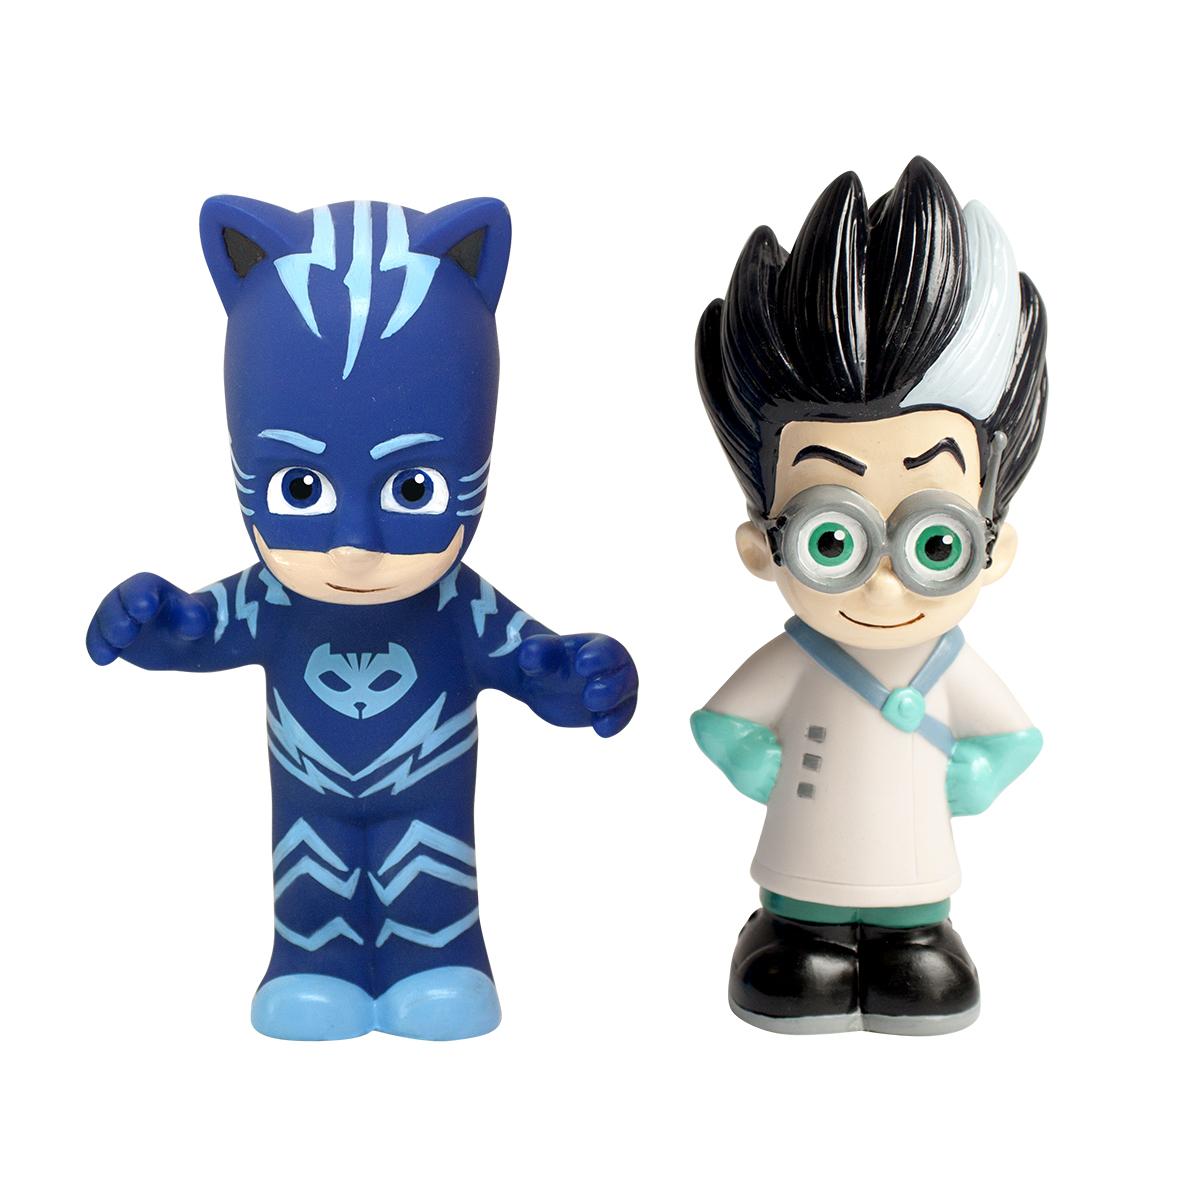 Игрушка для ванны PJ Masks Игровой набор Кэтбой и Ромео игрушки для ванны pj masks игровой набор кэтбой и ромео